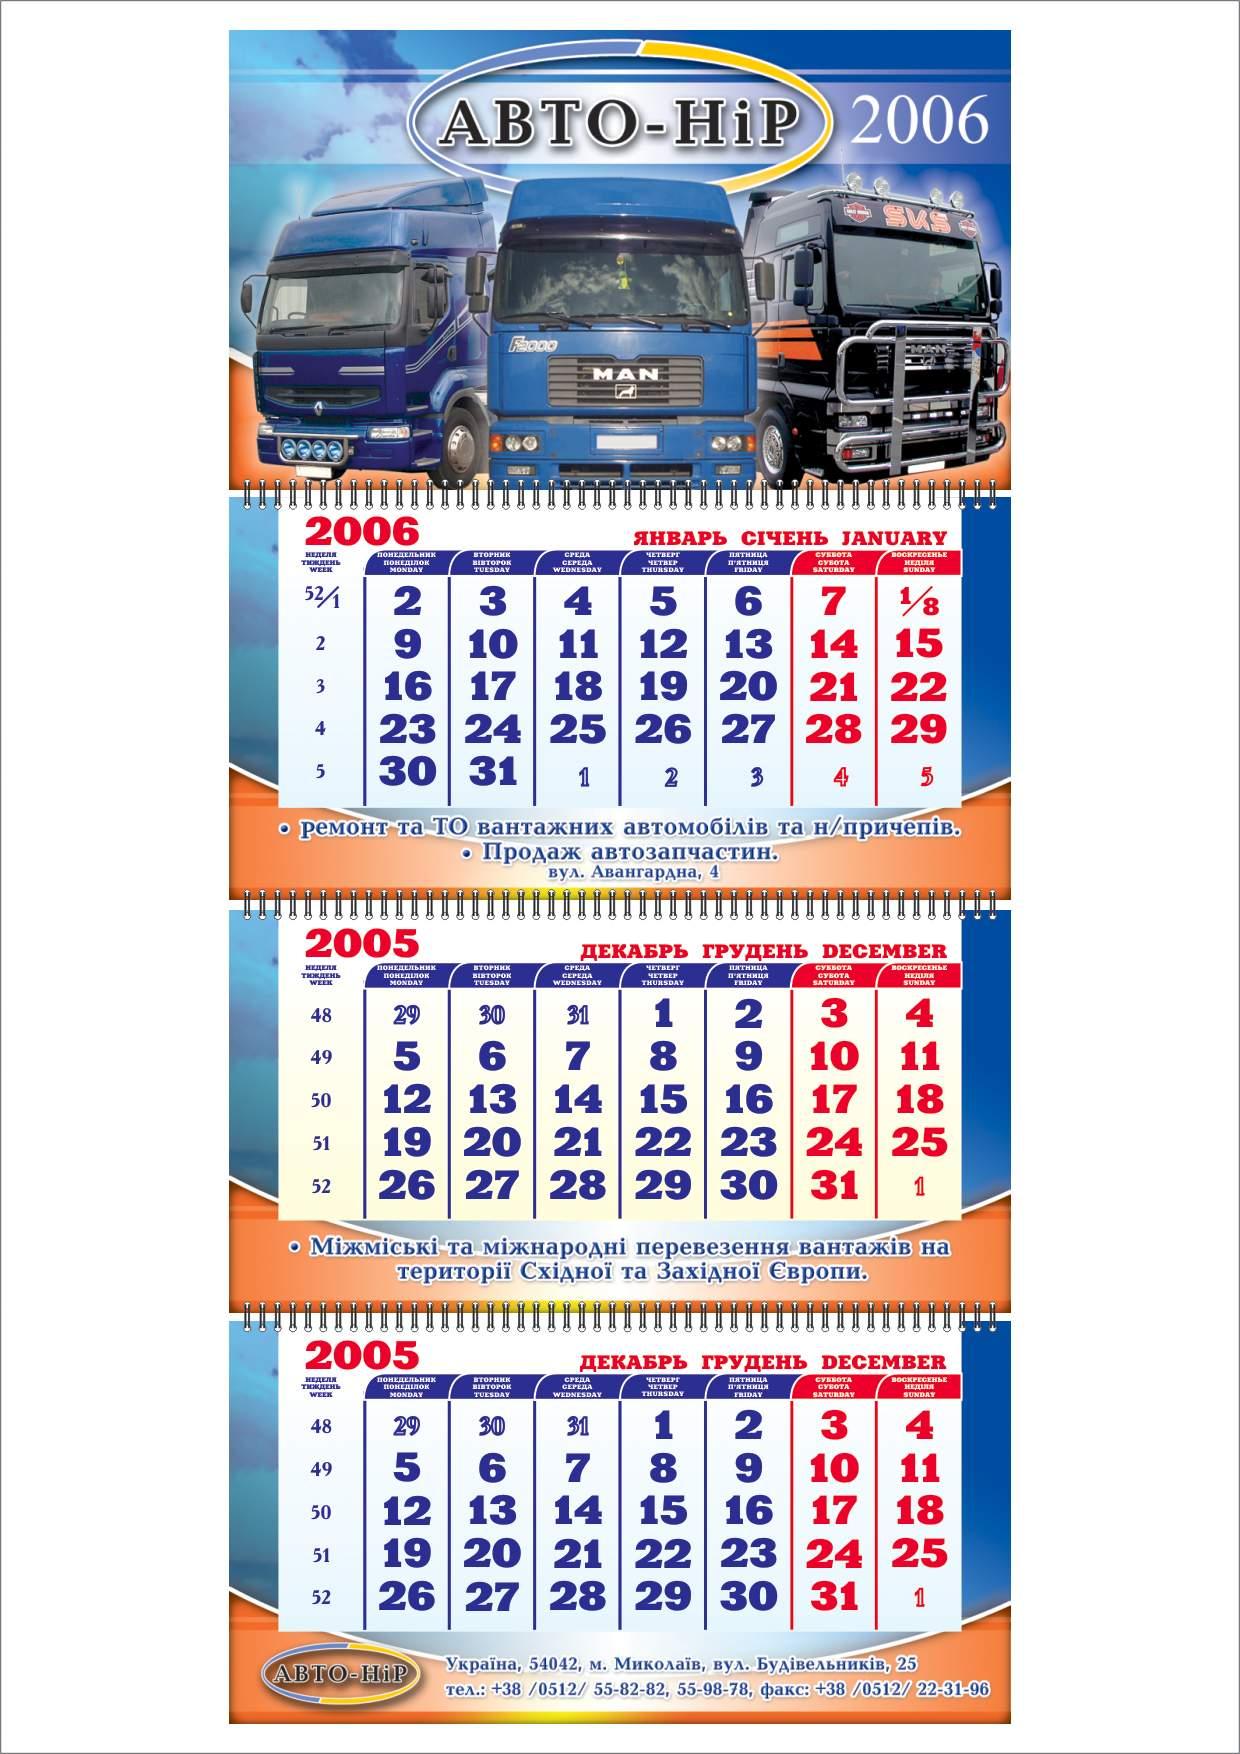 Дизайн квартального календаря Автонир 2006